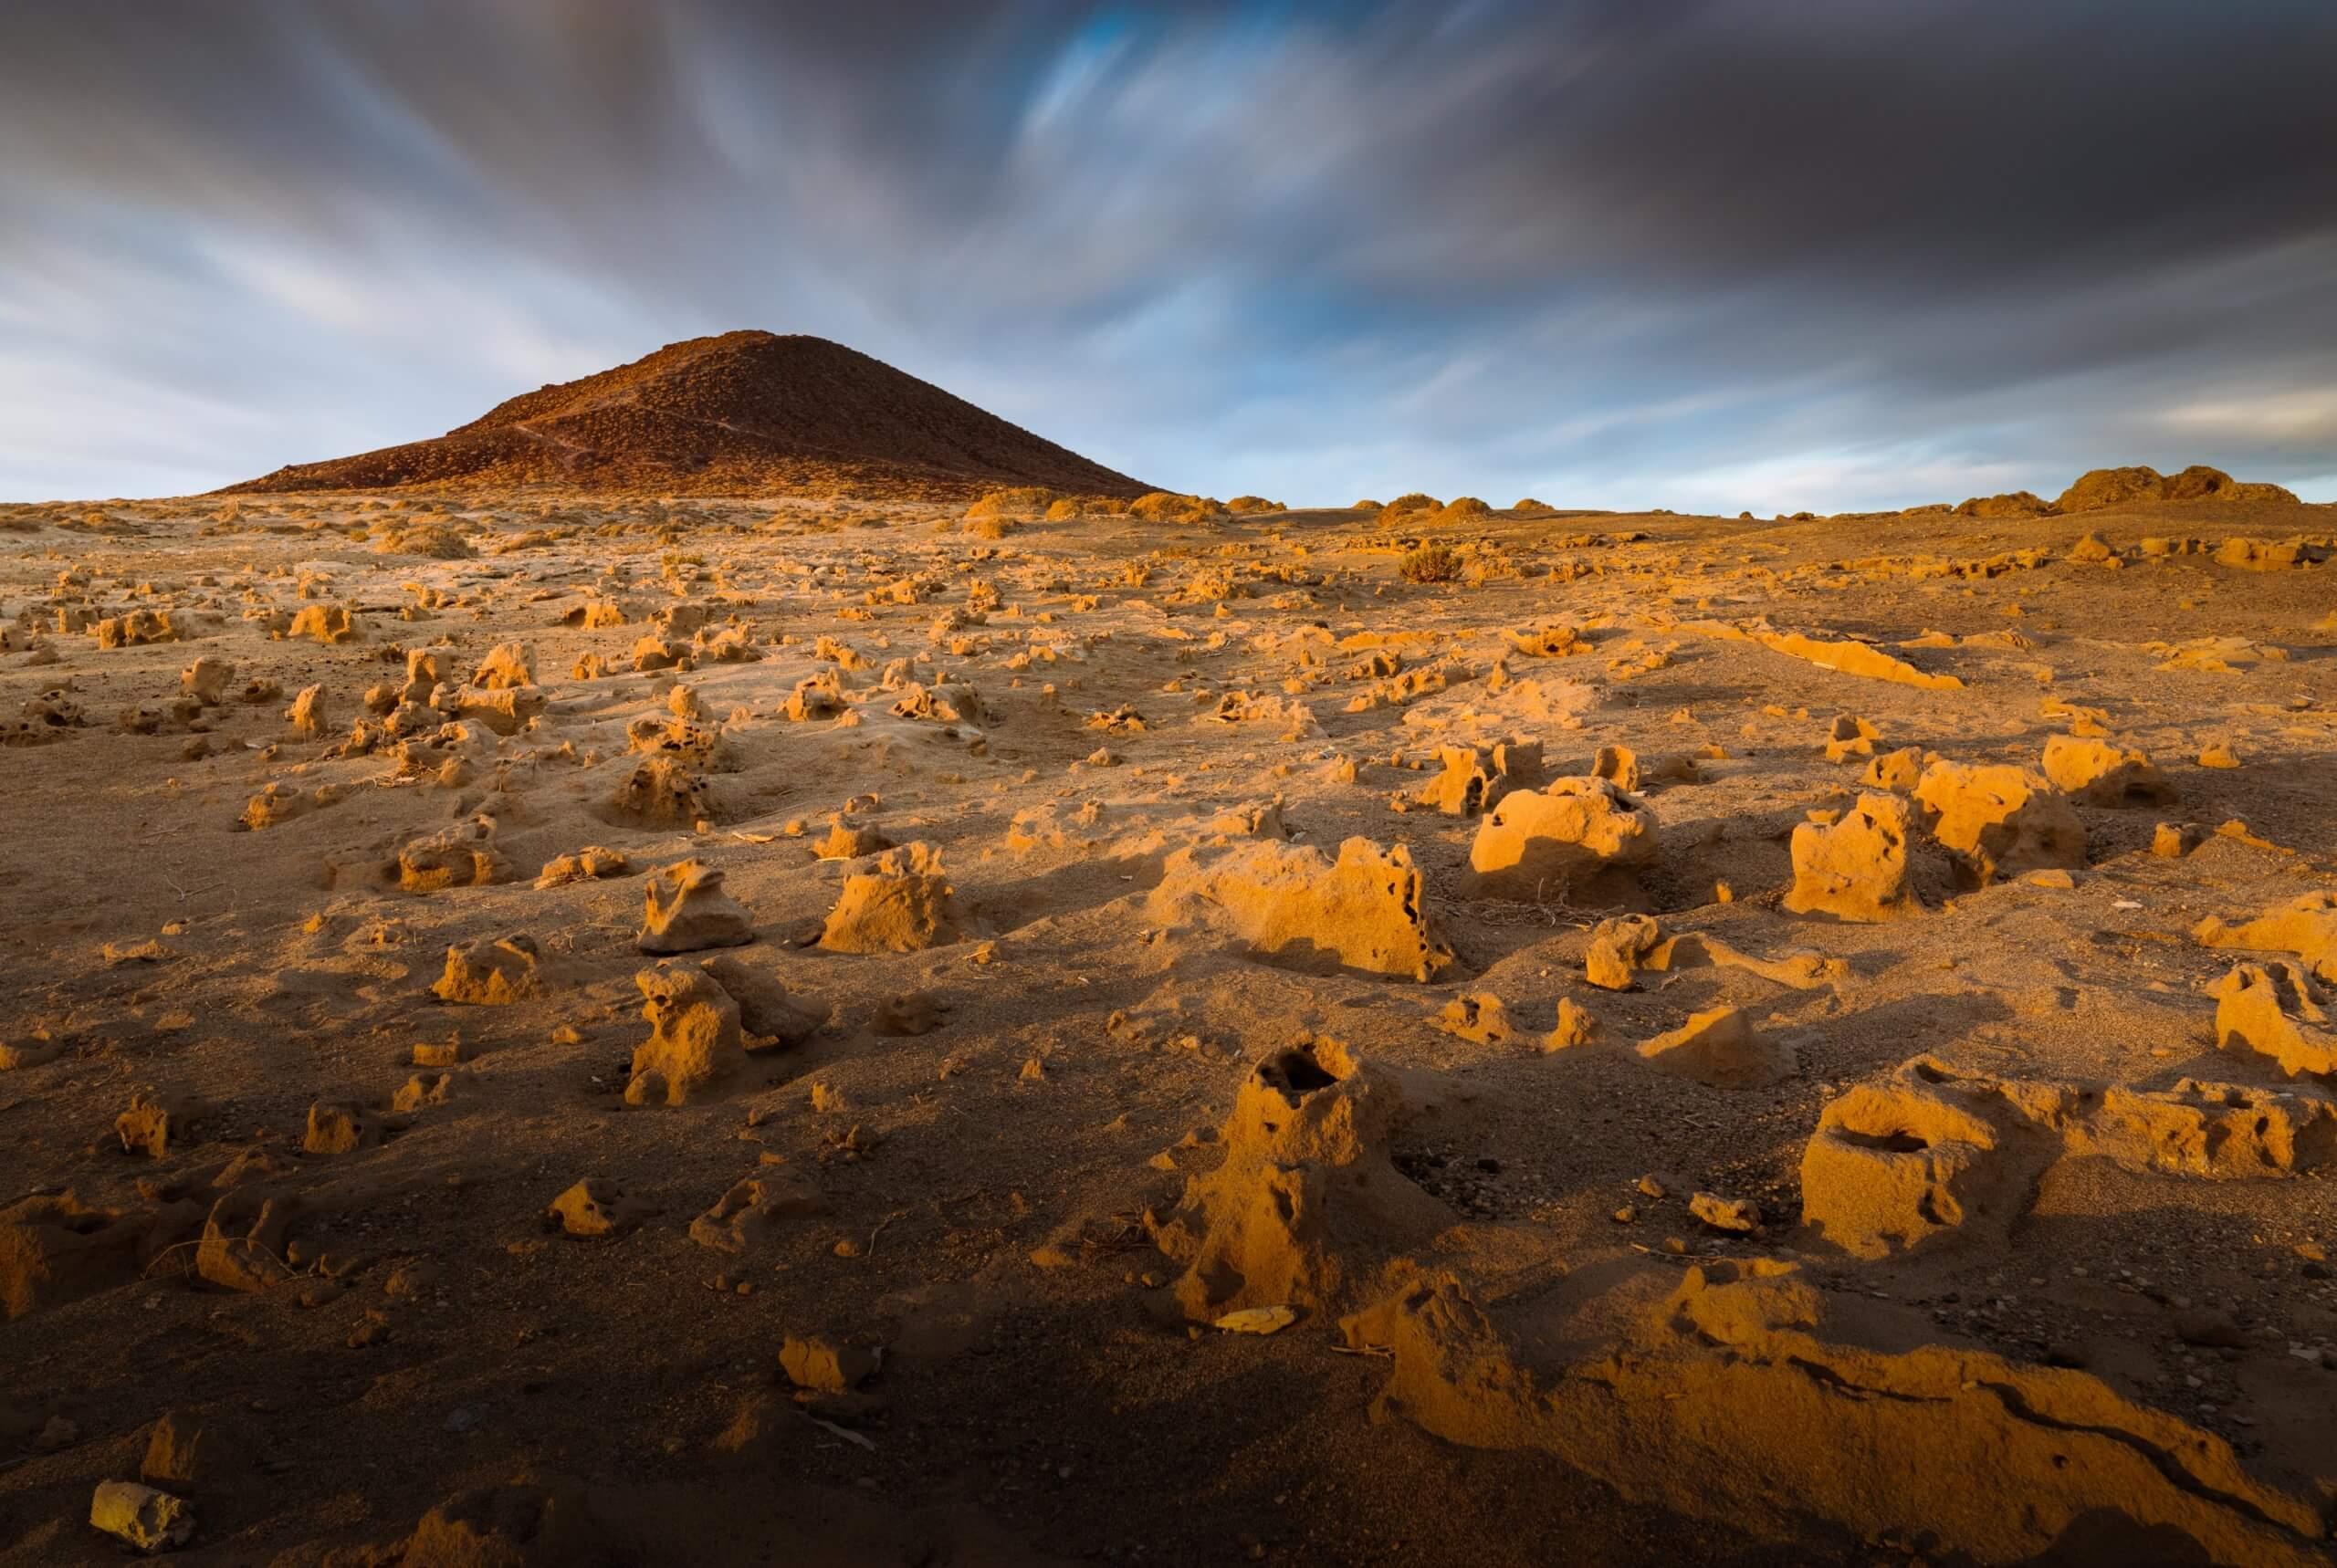 Lainakai, Montaña Roja, La Tejita, El Médano, Sismitas